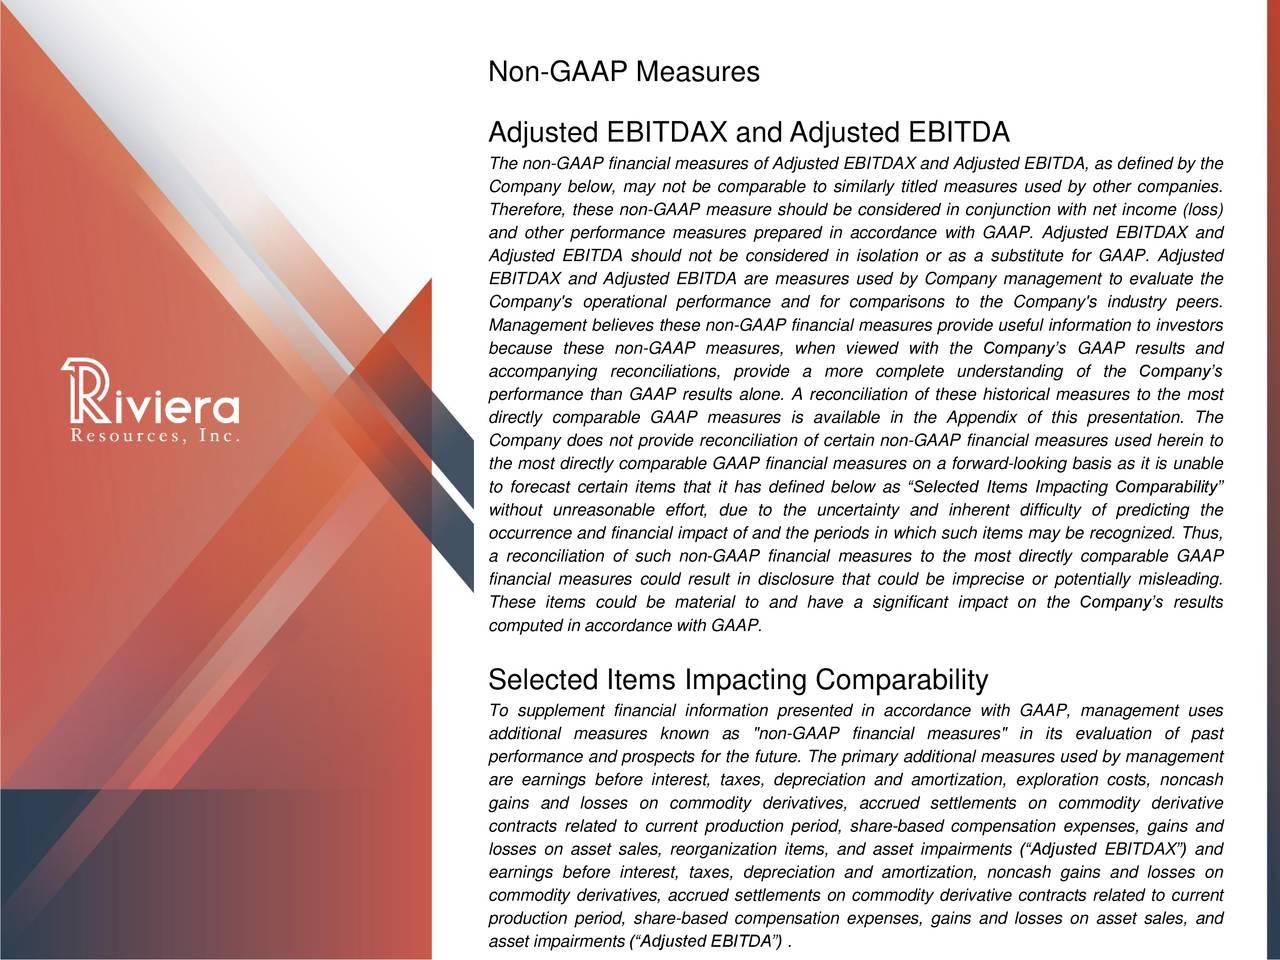 Non-GAAP Measures